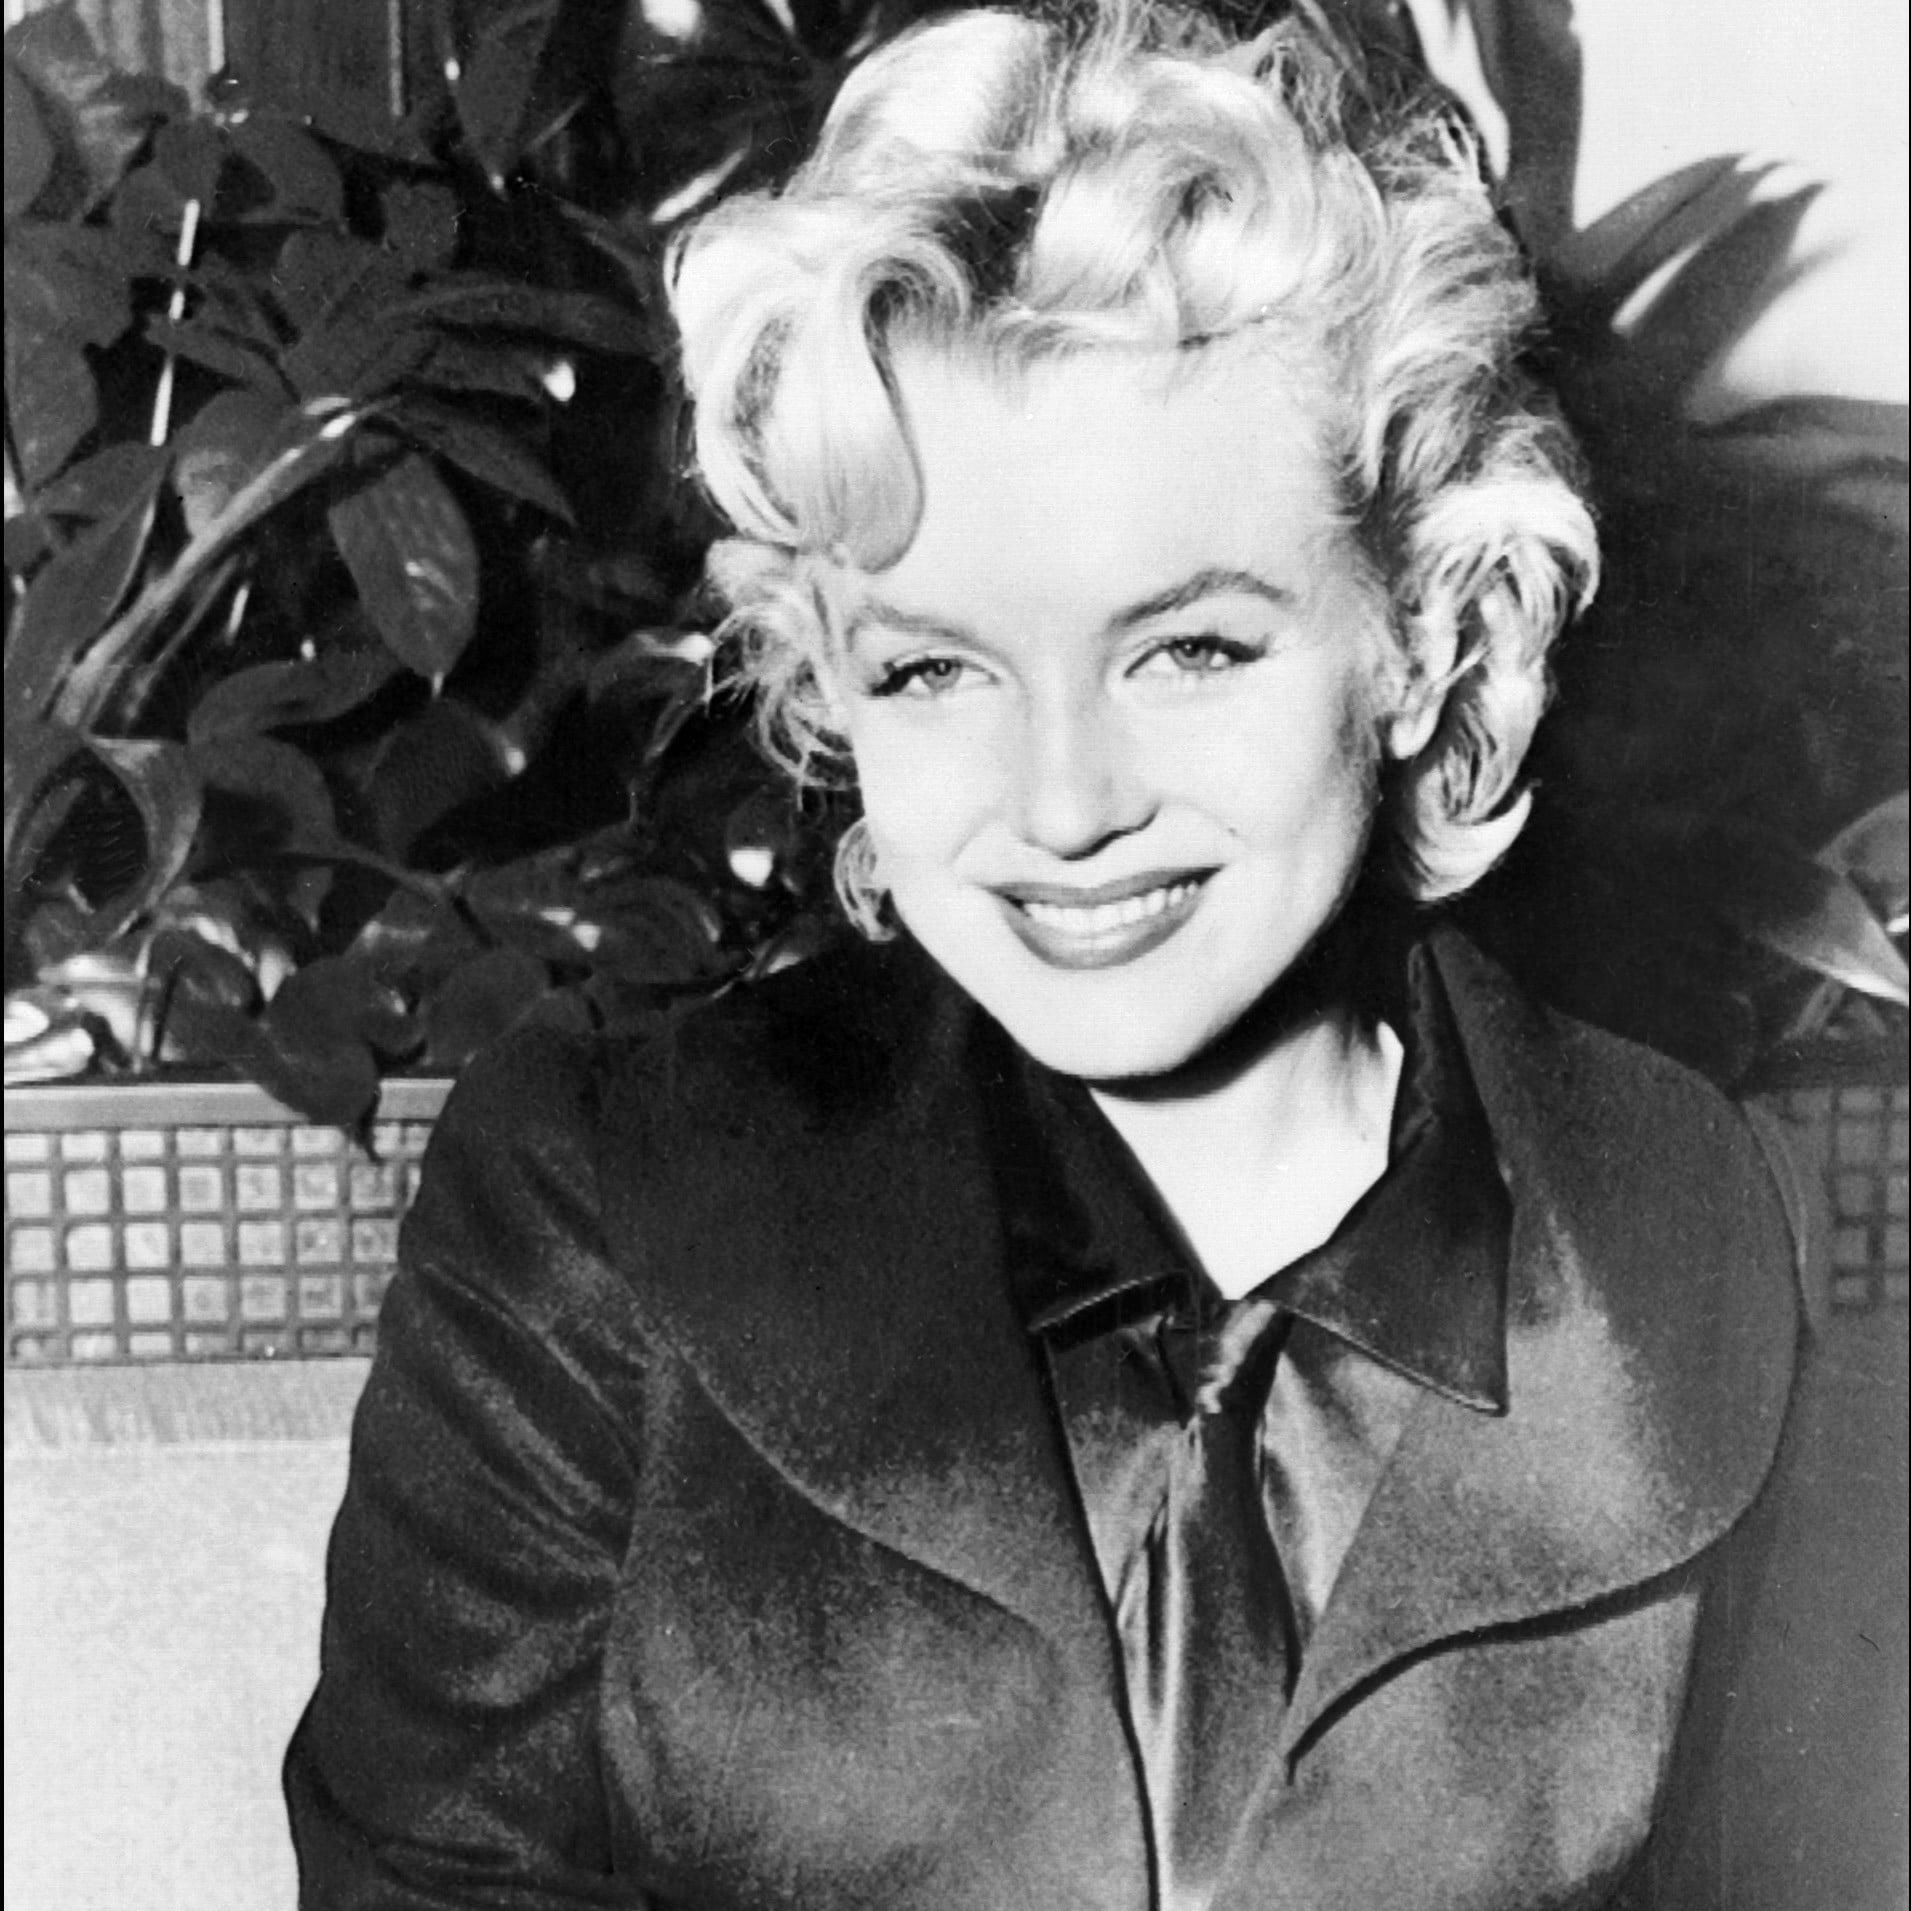 Marilyn Monroe | POPSUGAR Beauty